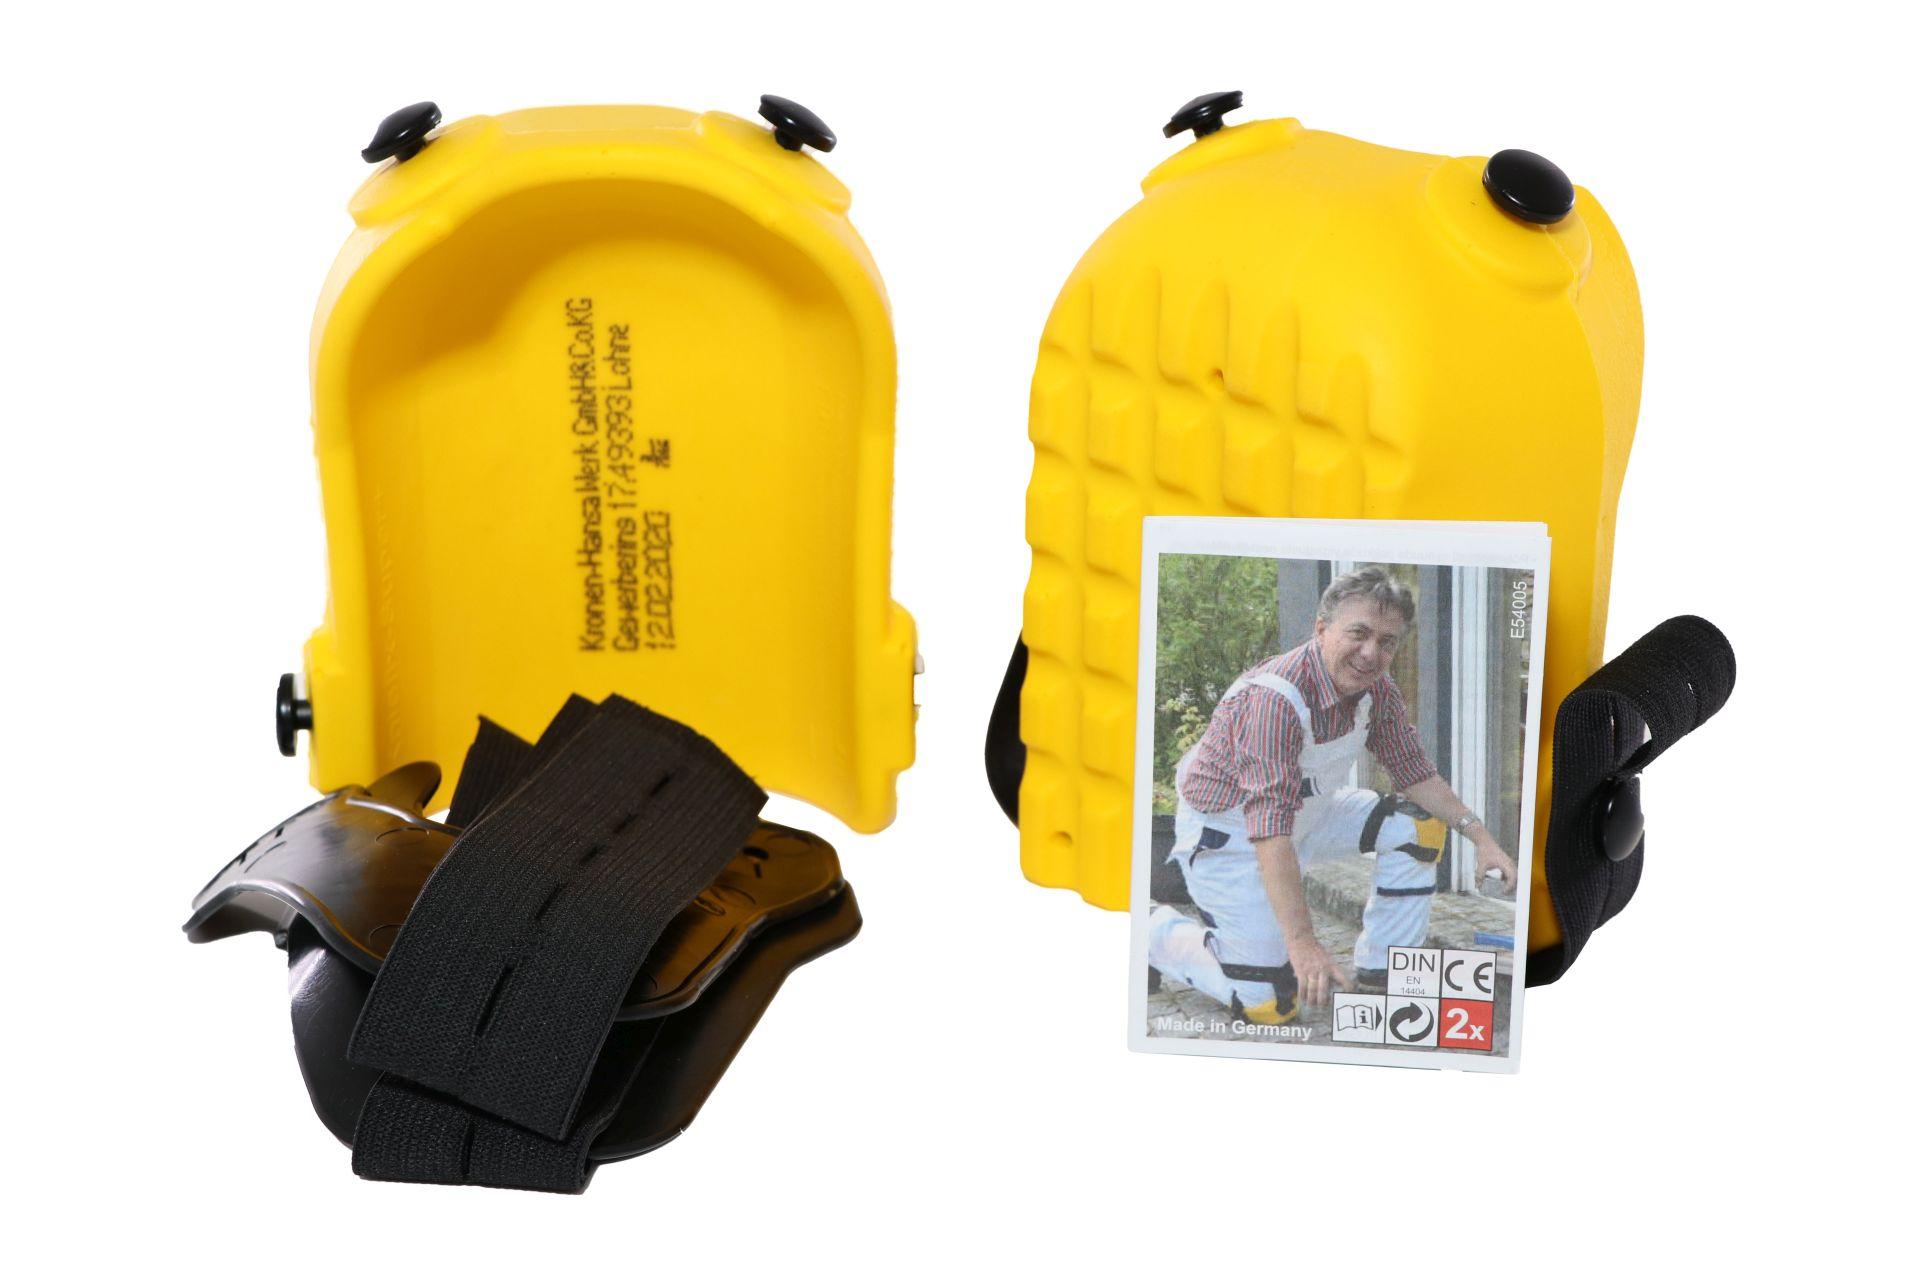 HUFA Knieschoner in Kastenform, durchstichfest, DIN EN 14404, gelb